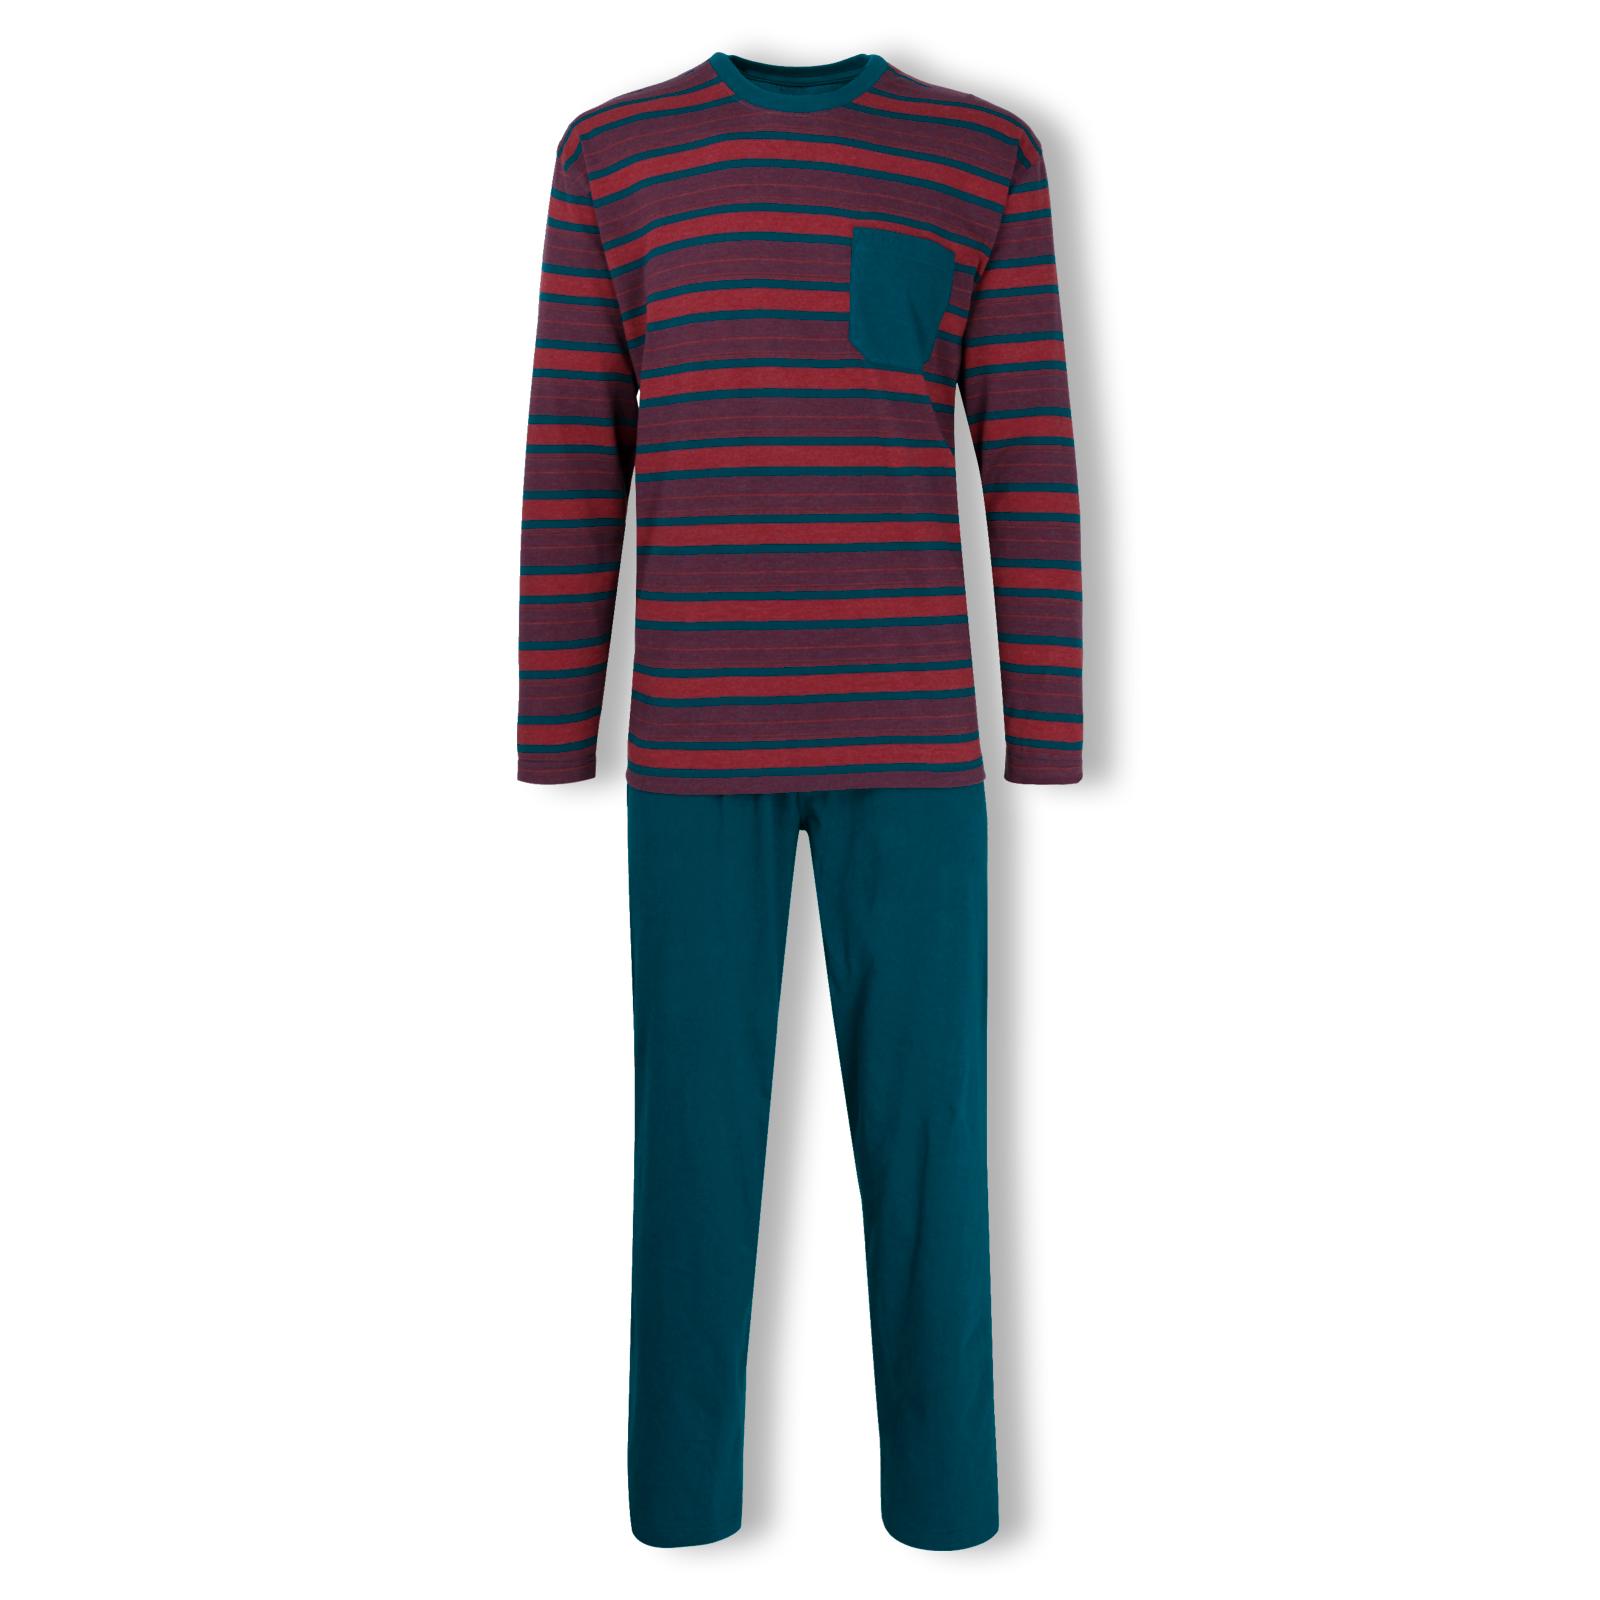 Götzburg Herren Pyjama Schlafanzug langarm Klima Aktiv S M L XL 2XL 3XL 451733 in blue / red